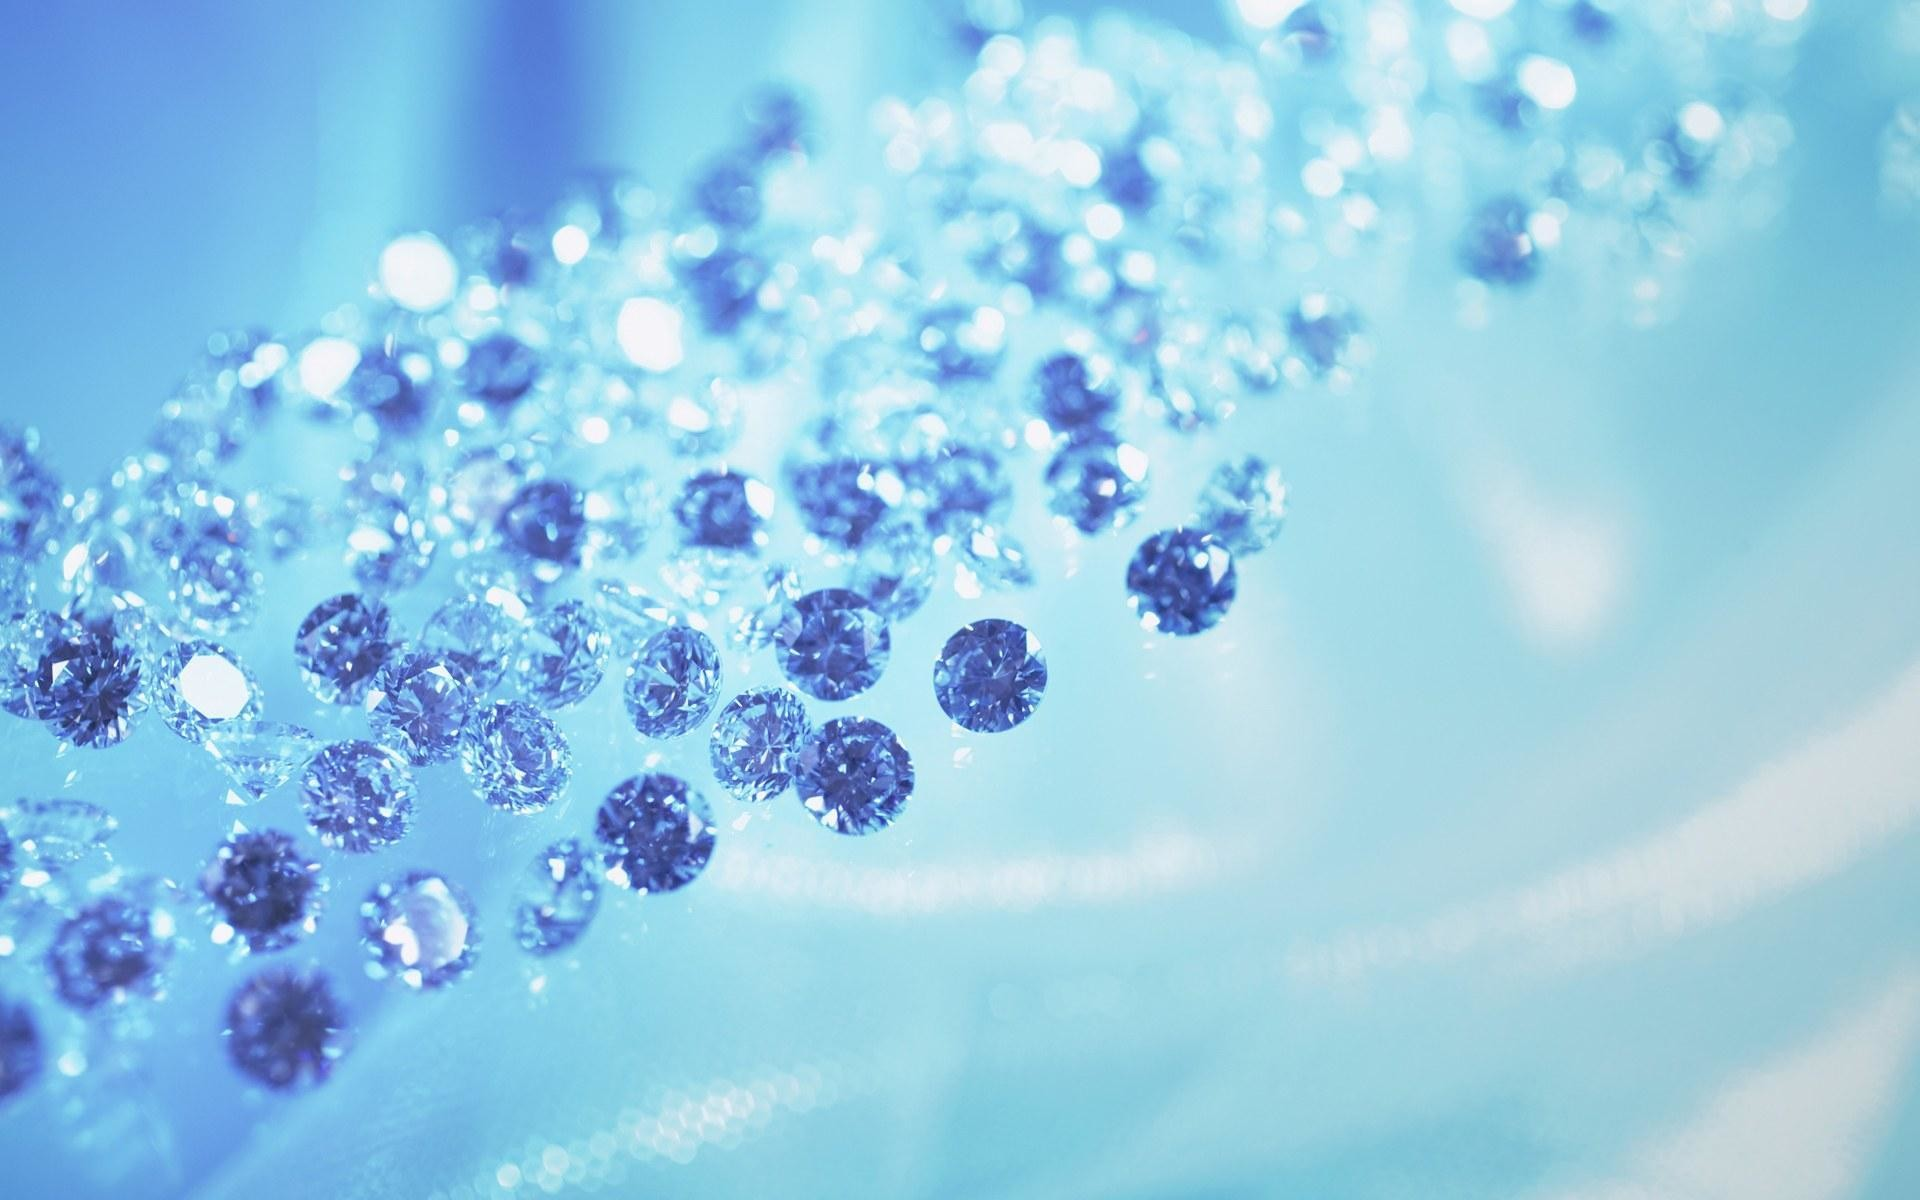 Blue glitter desktop wallpaper